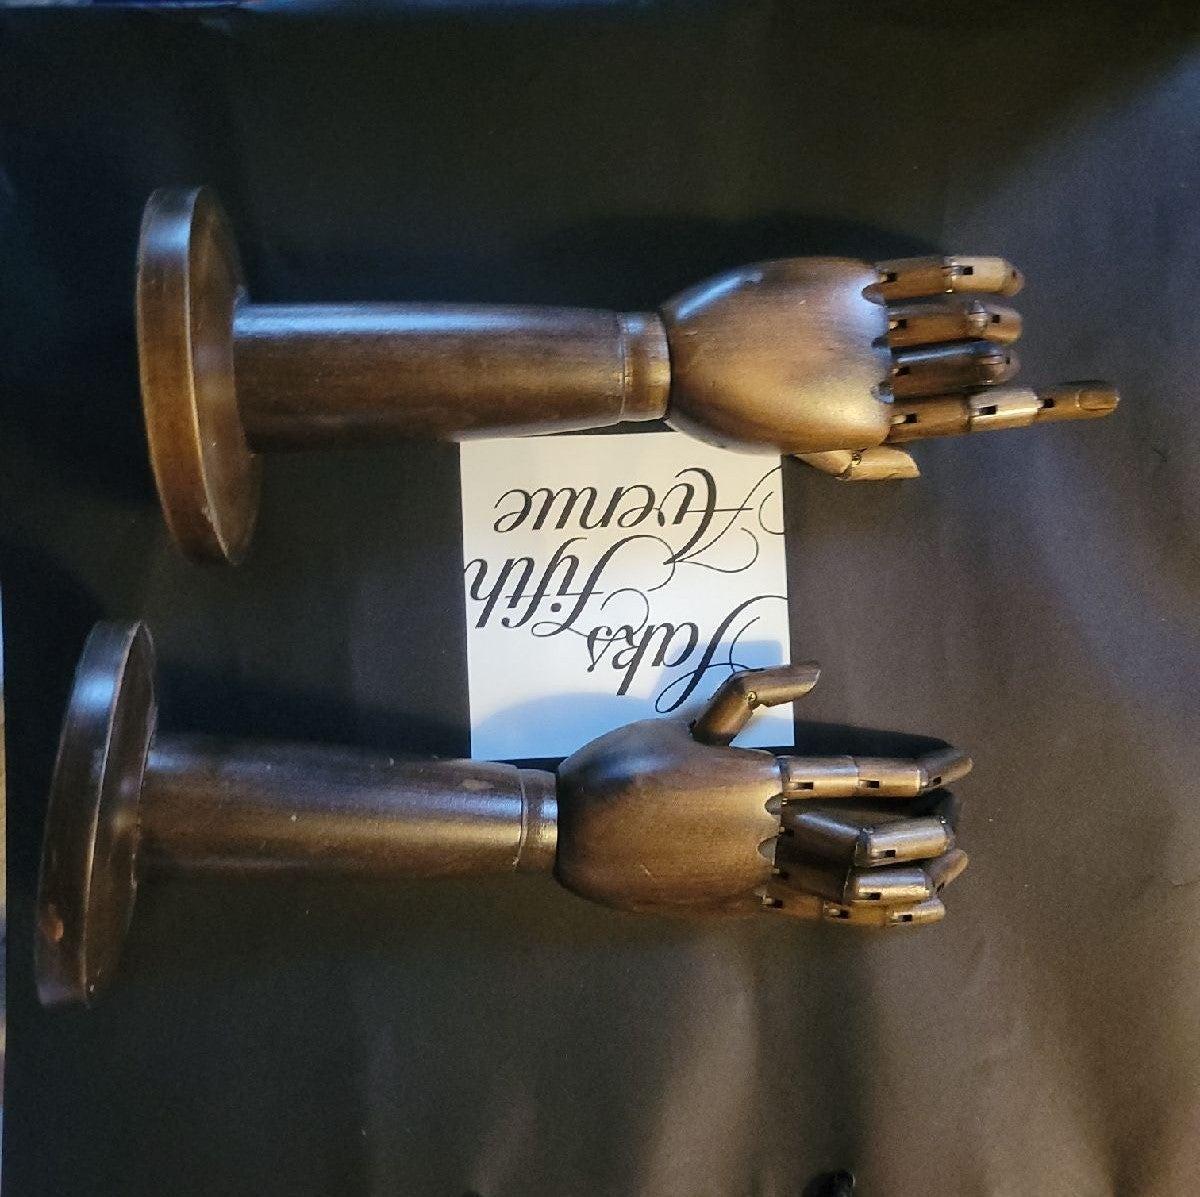 Burberry wooden hands decor